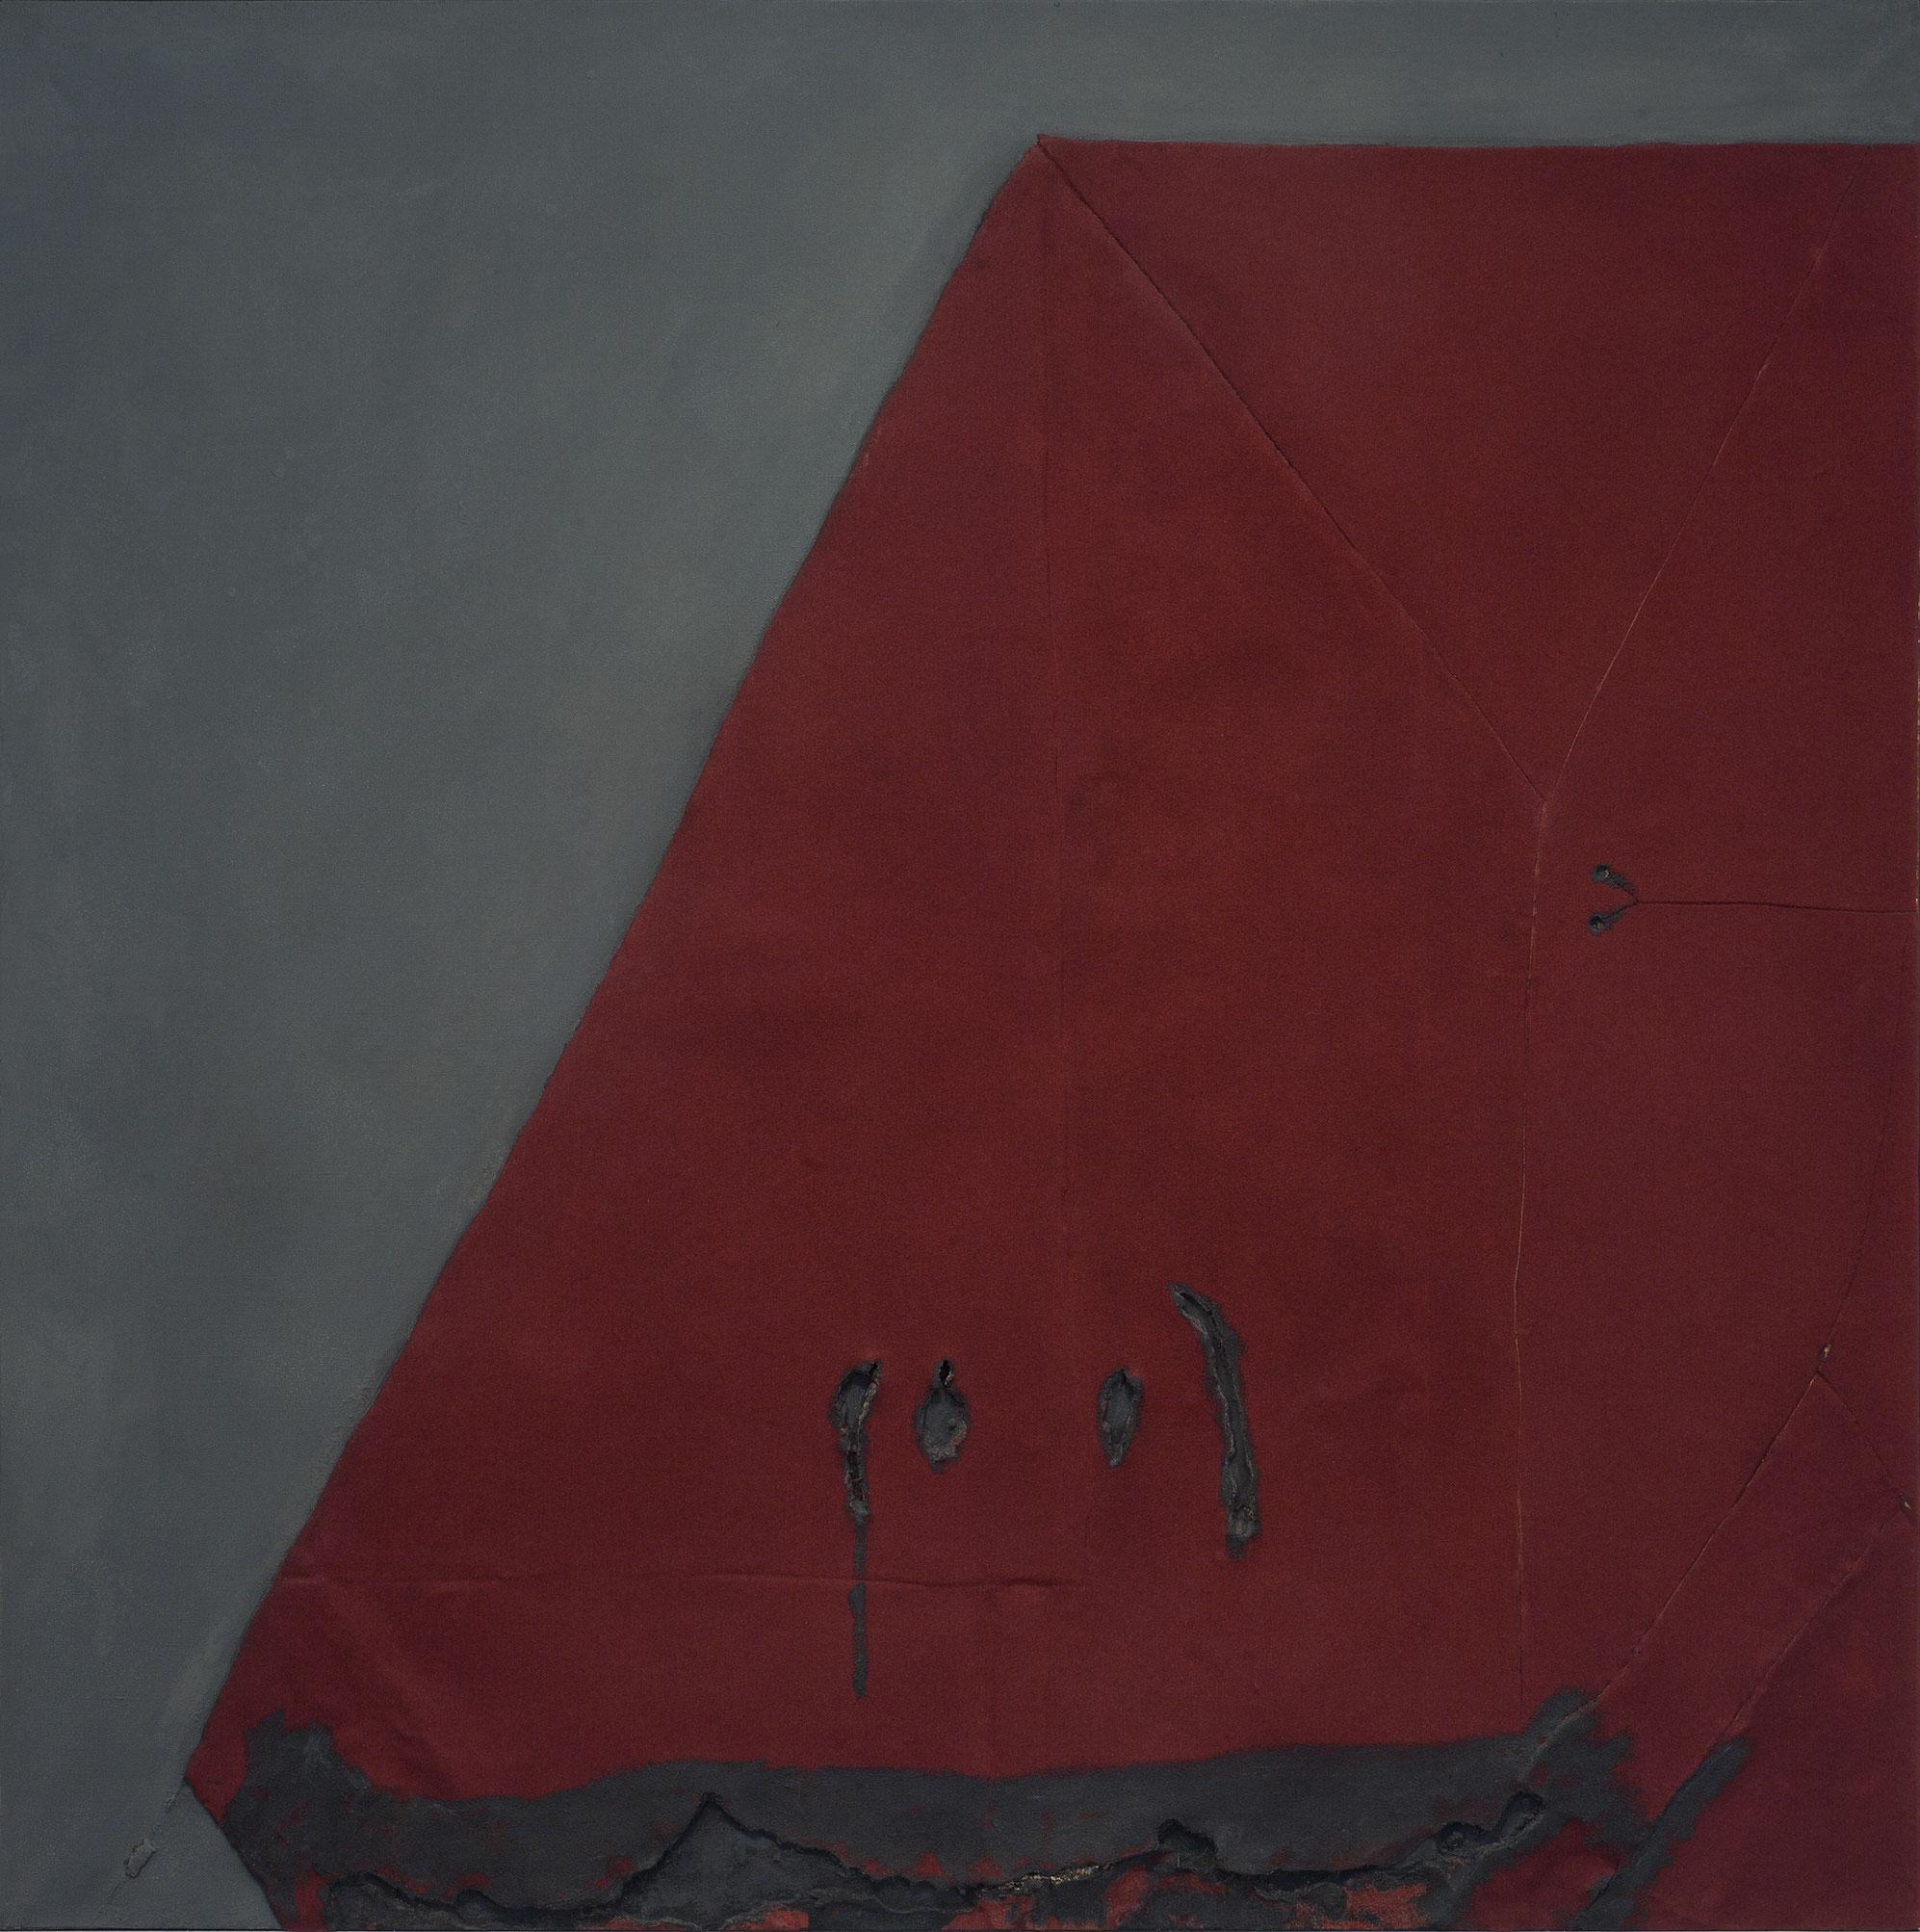 Vellut granate, 1963, Antoni Tàpies, Huile, sable et feutre sur toile montée sur contreplaqué.